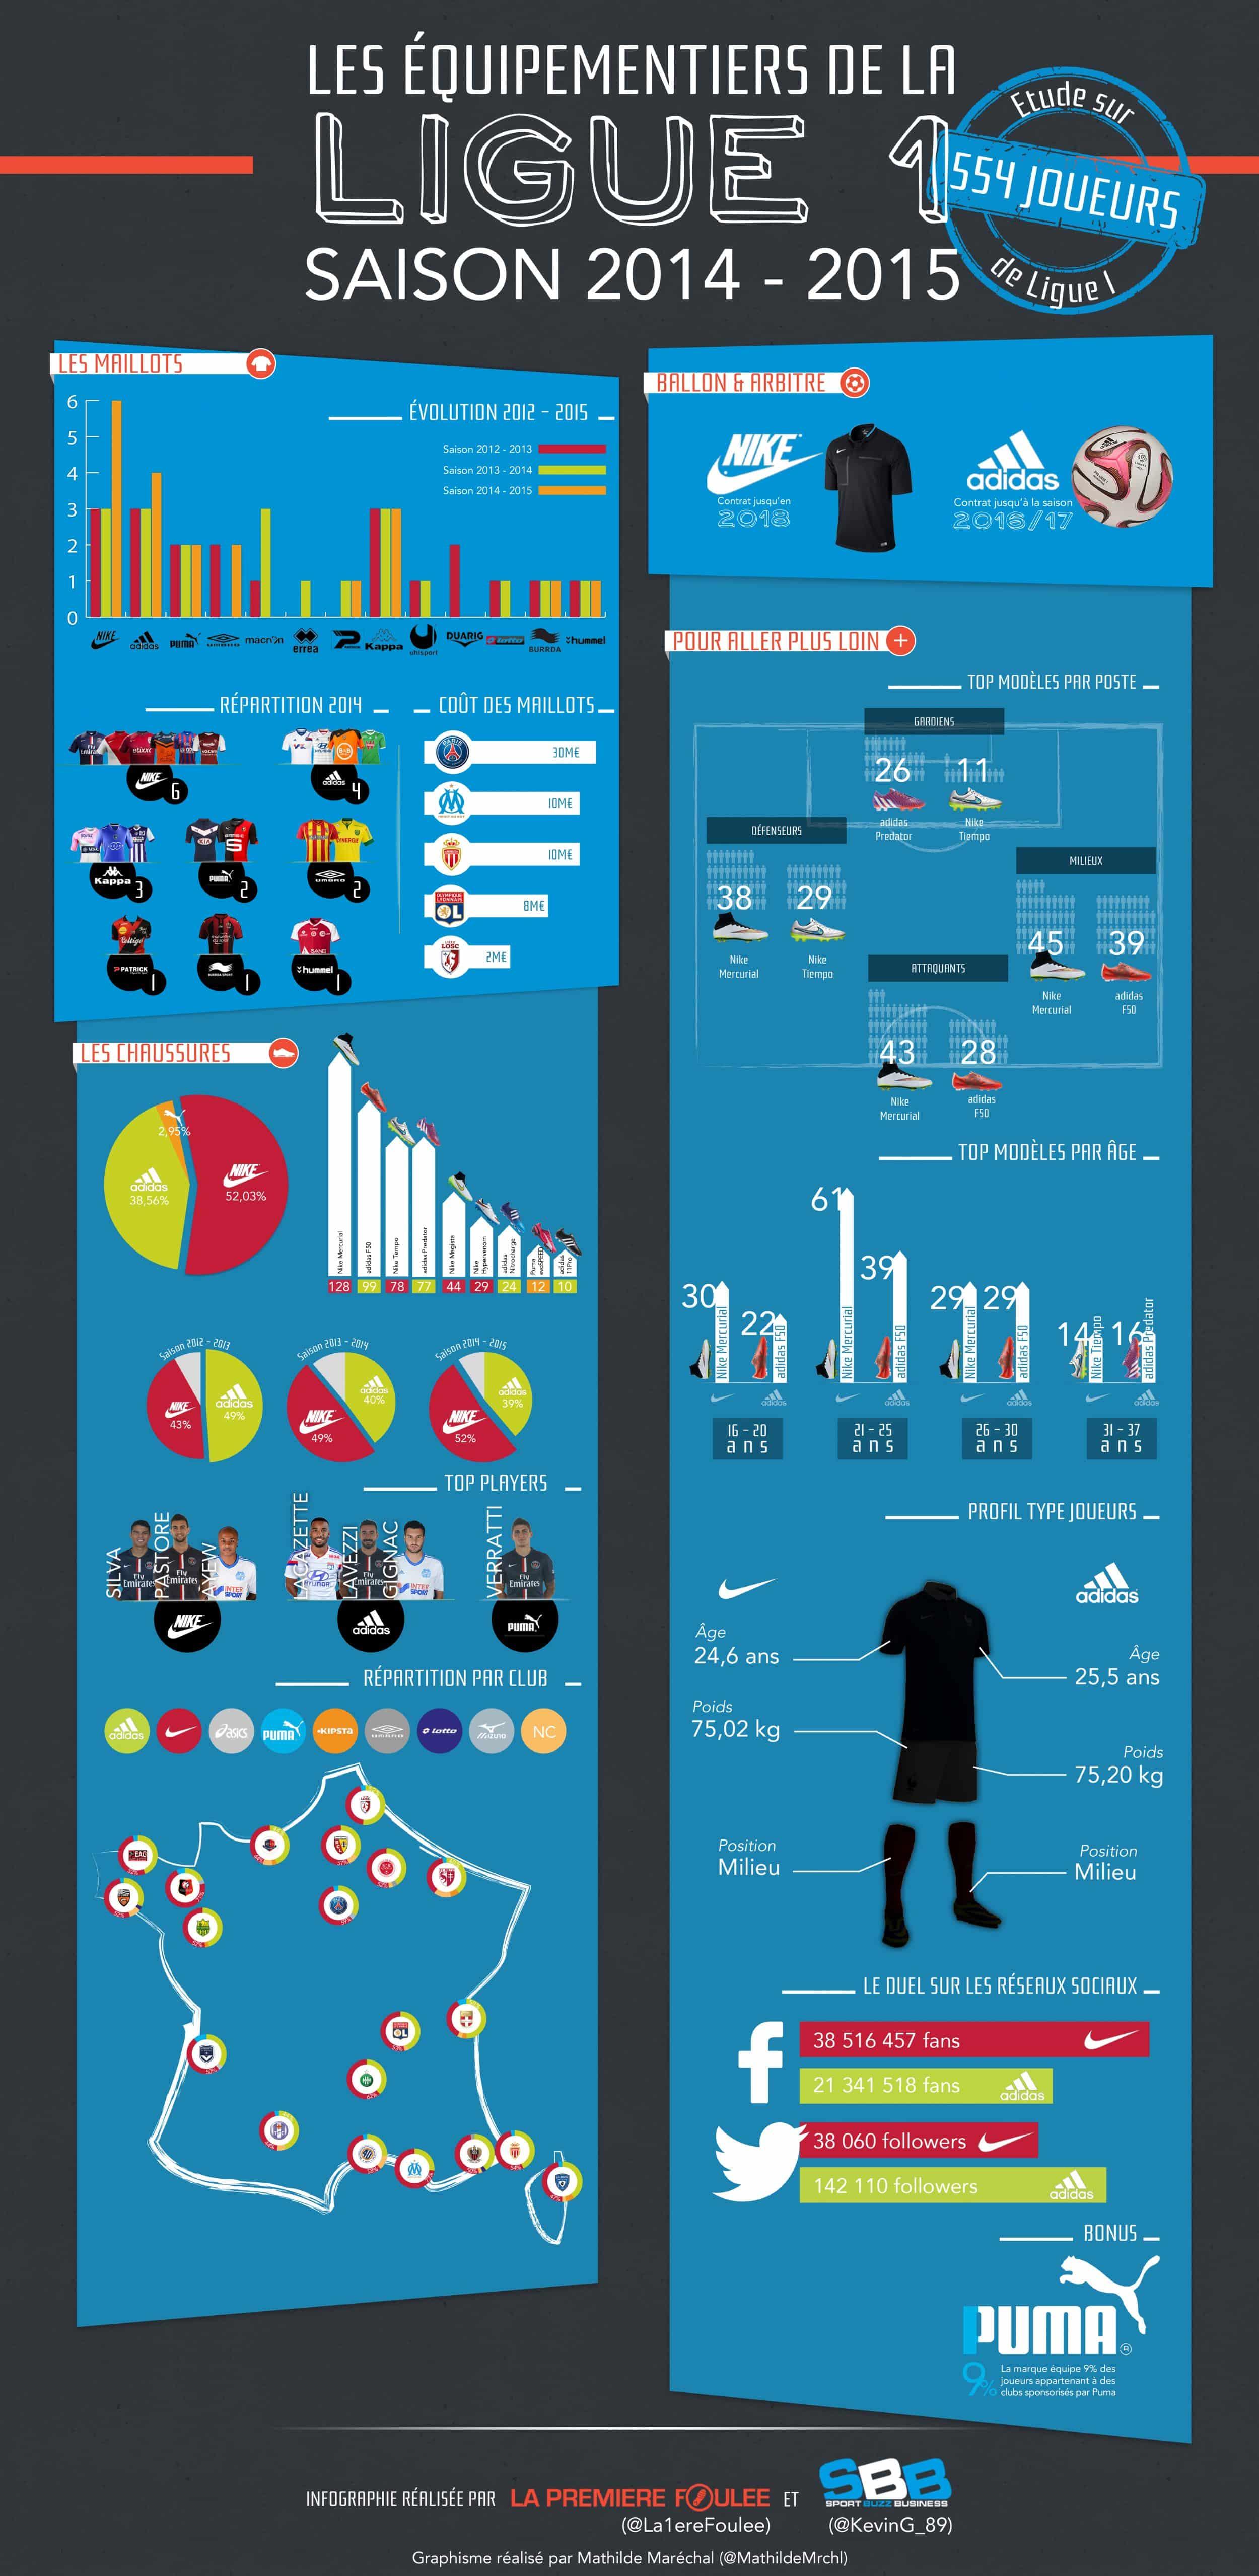 Infographie Les équipementiers de la L1 2014-2015